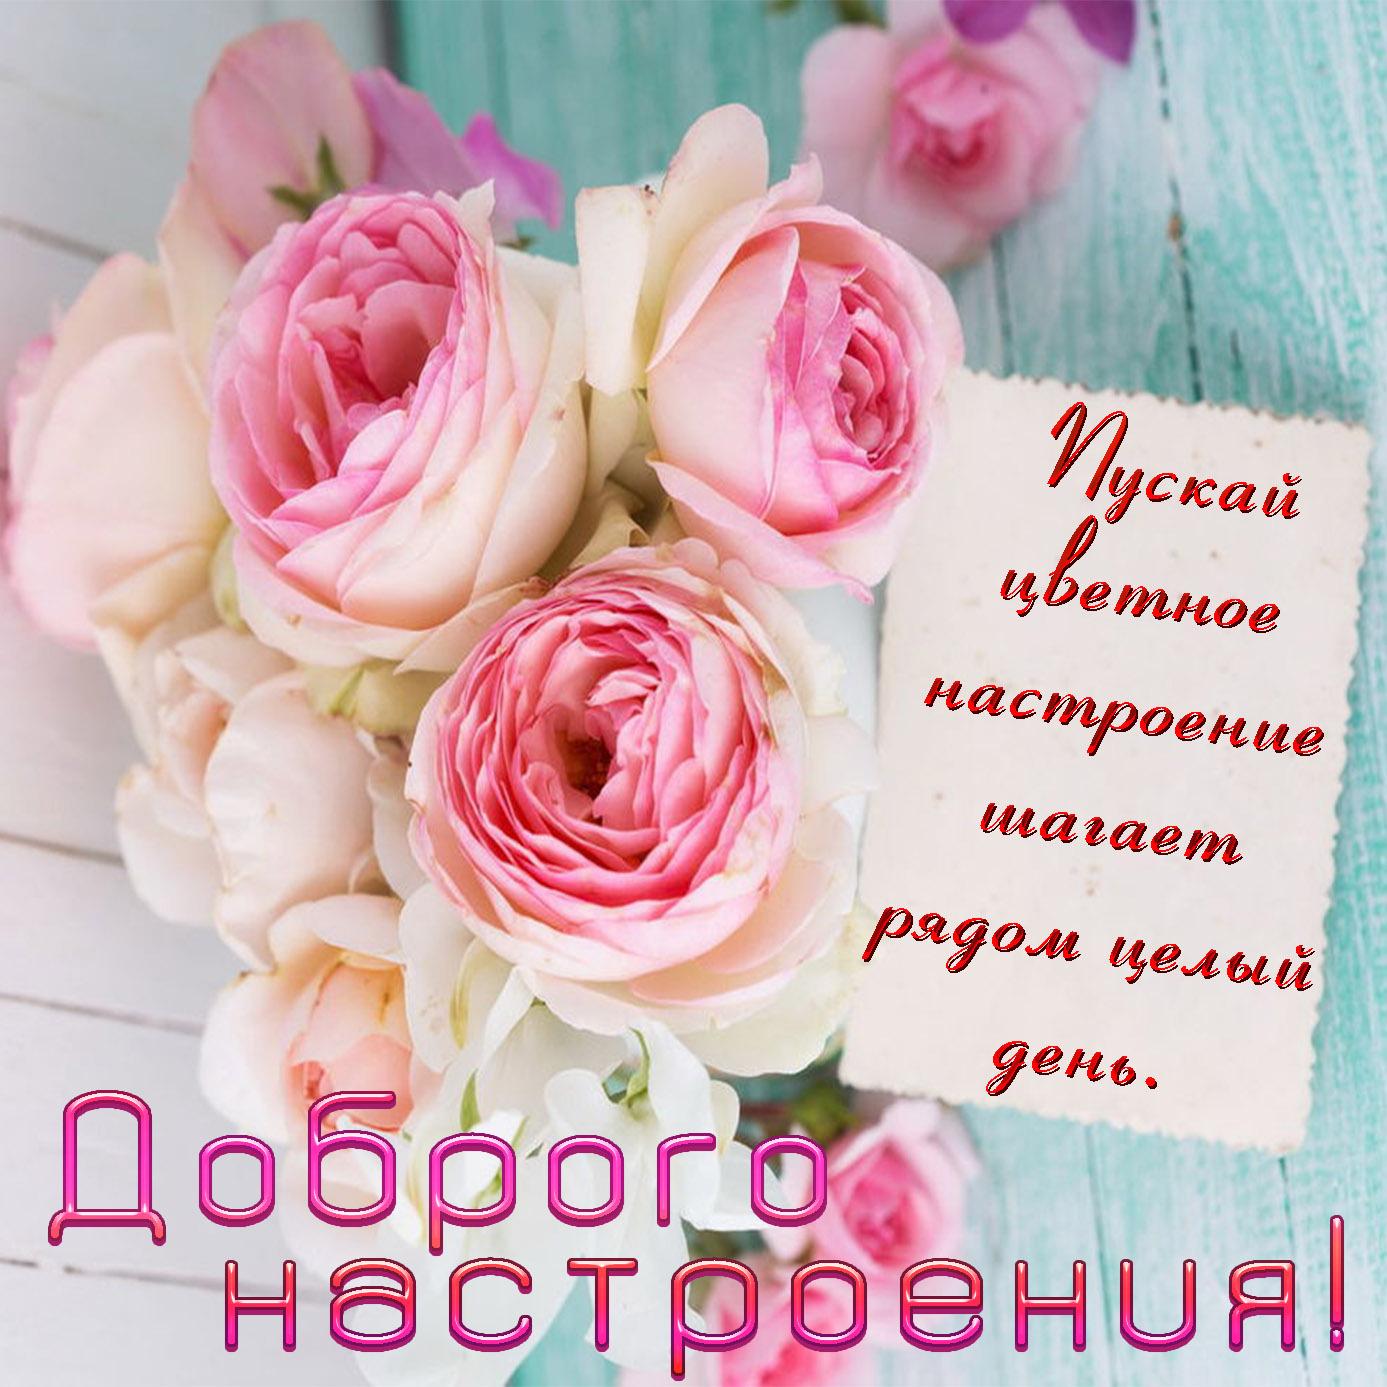 Открытка с розами для доброго настроения